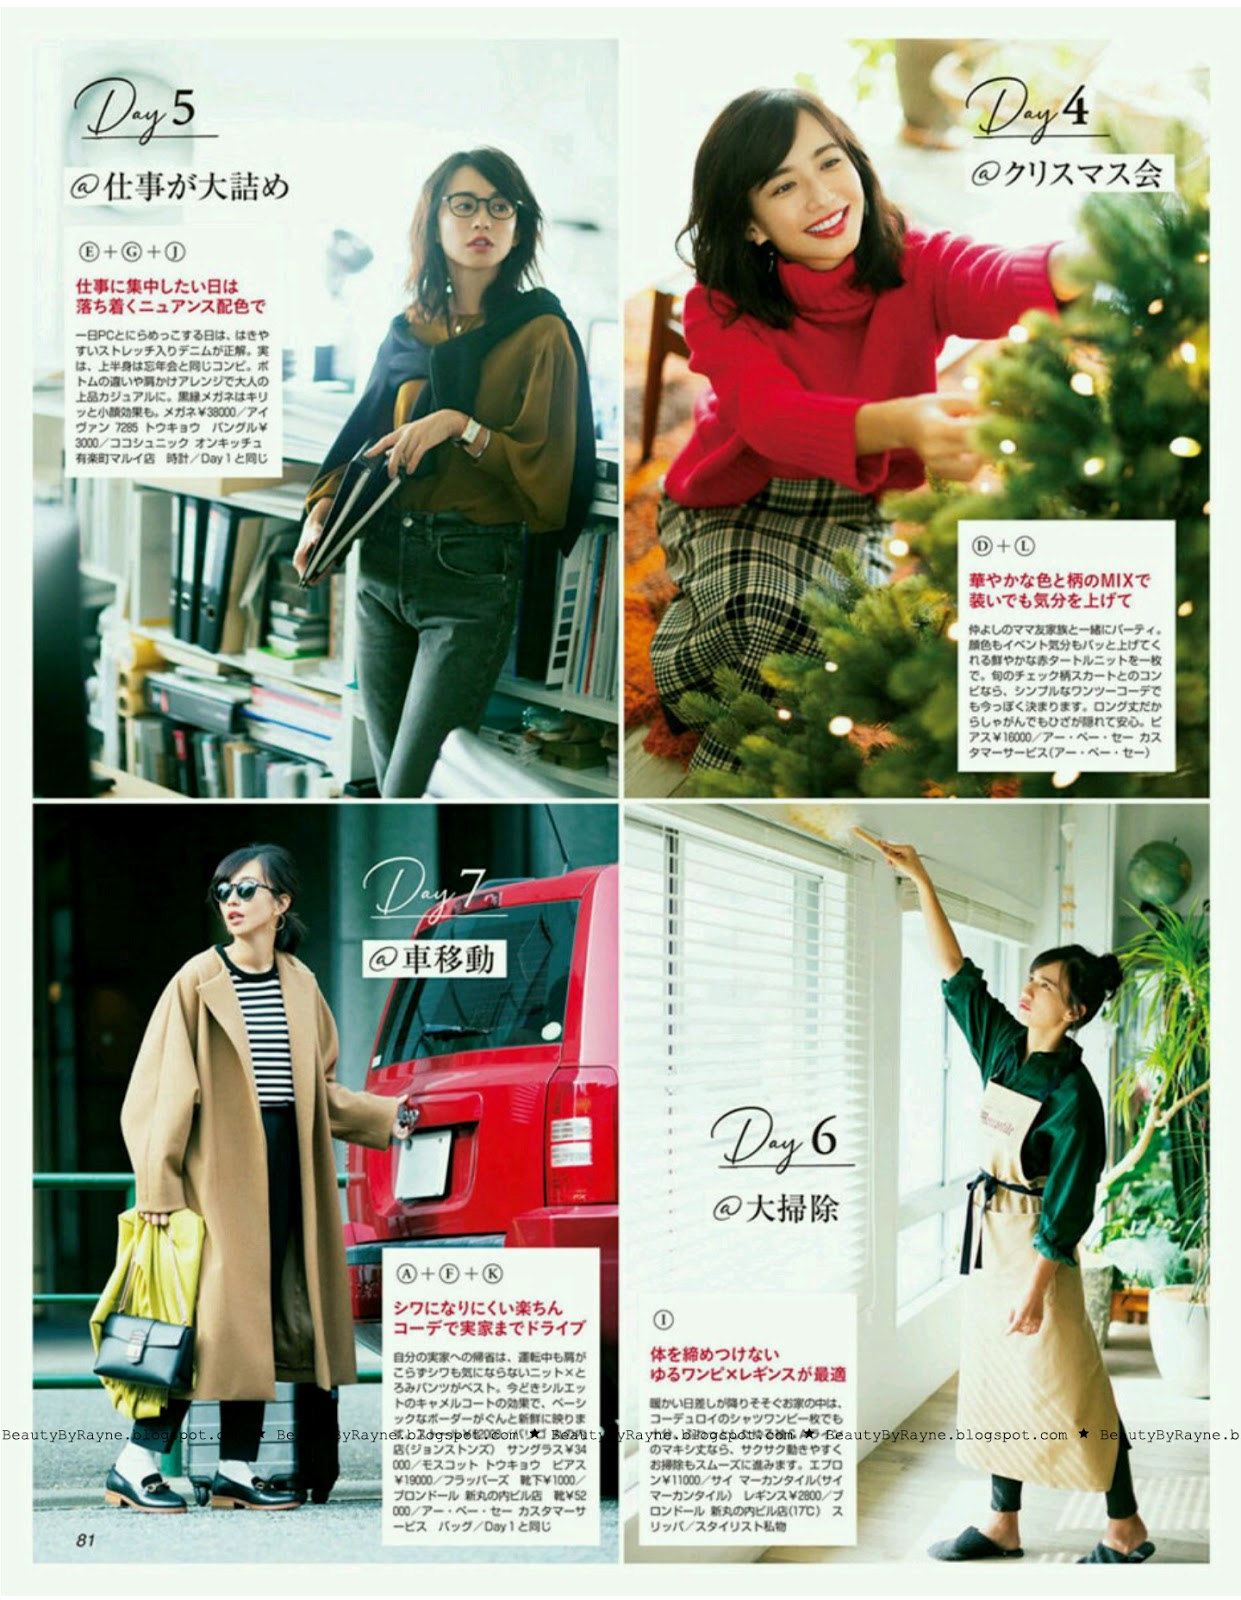 Lee January 2019 Issue, Free Japanese Fashion Magazine Scans